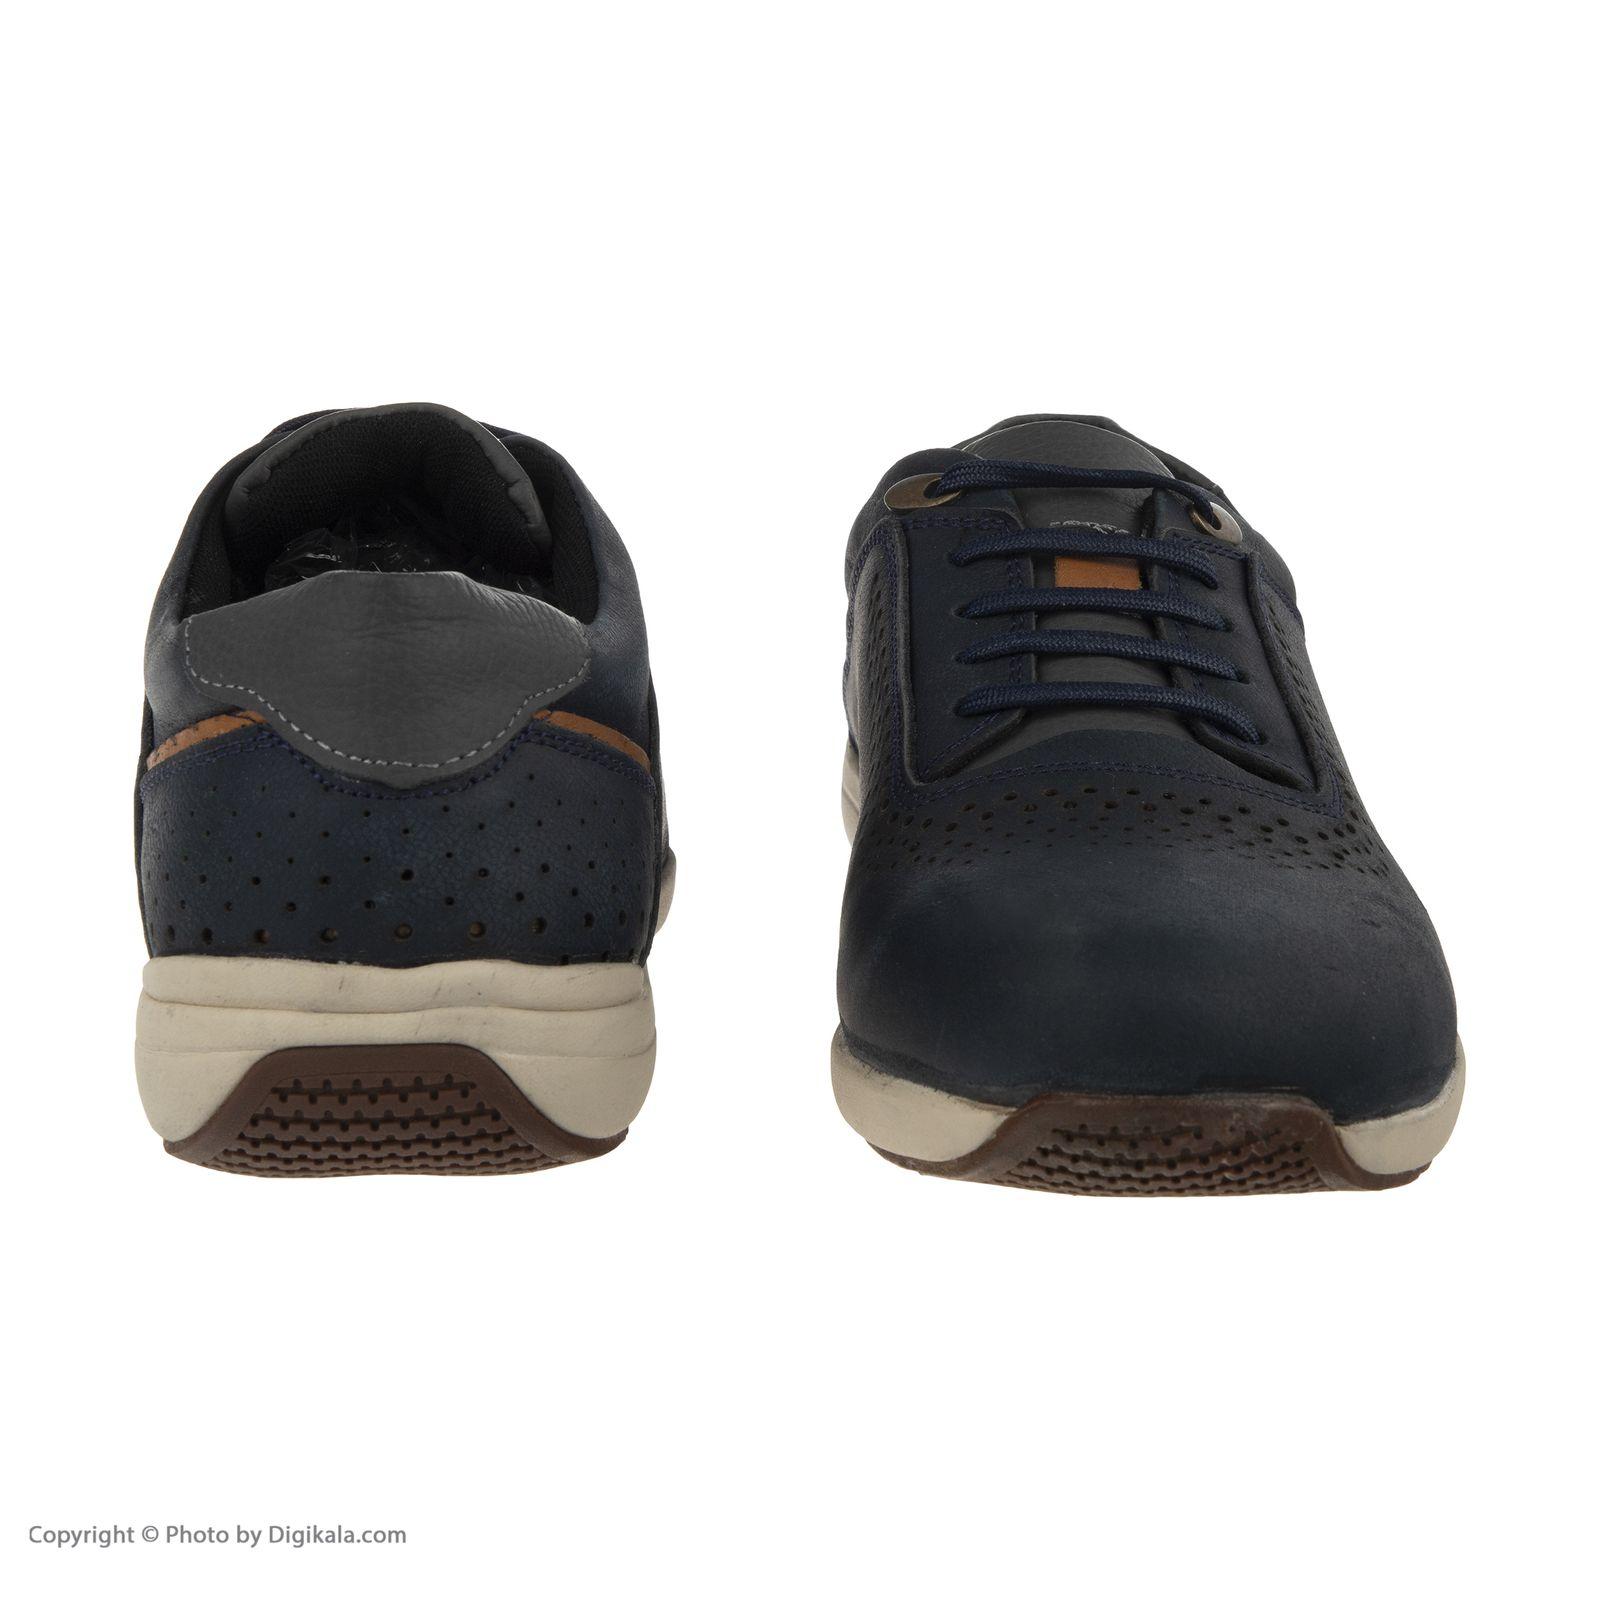 کفش روزمره مردانه سوته مدل 5037A503103 -  - 6